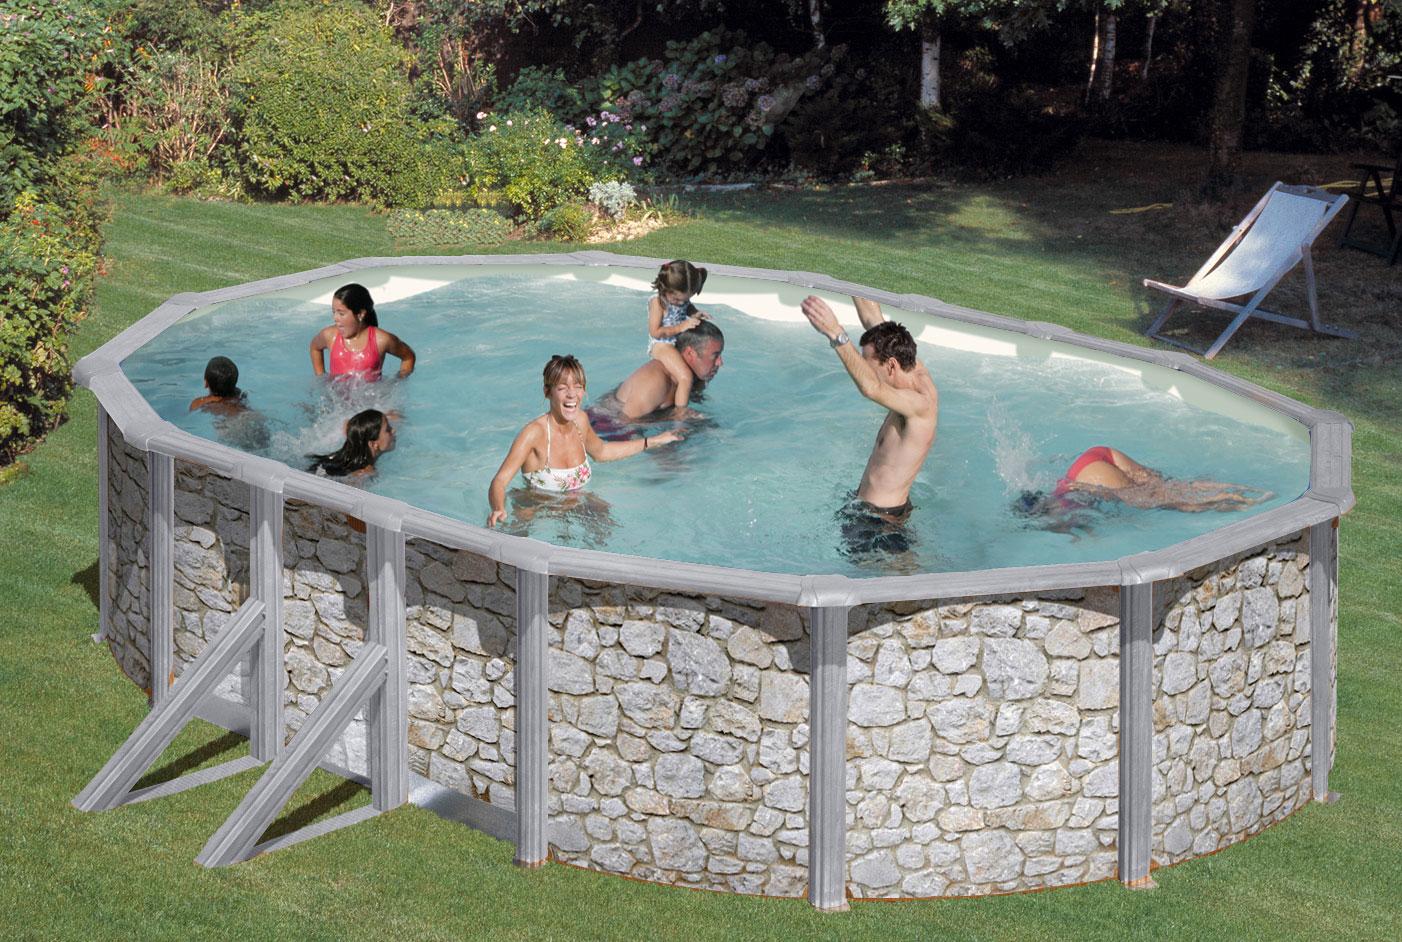 Mypool pool set feeling steinoptik oval sandfilter for Stahlwandpool rund steinoptik